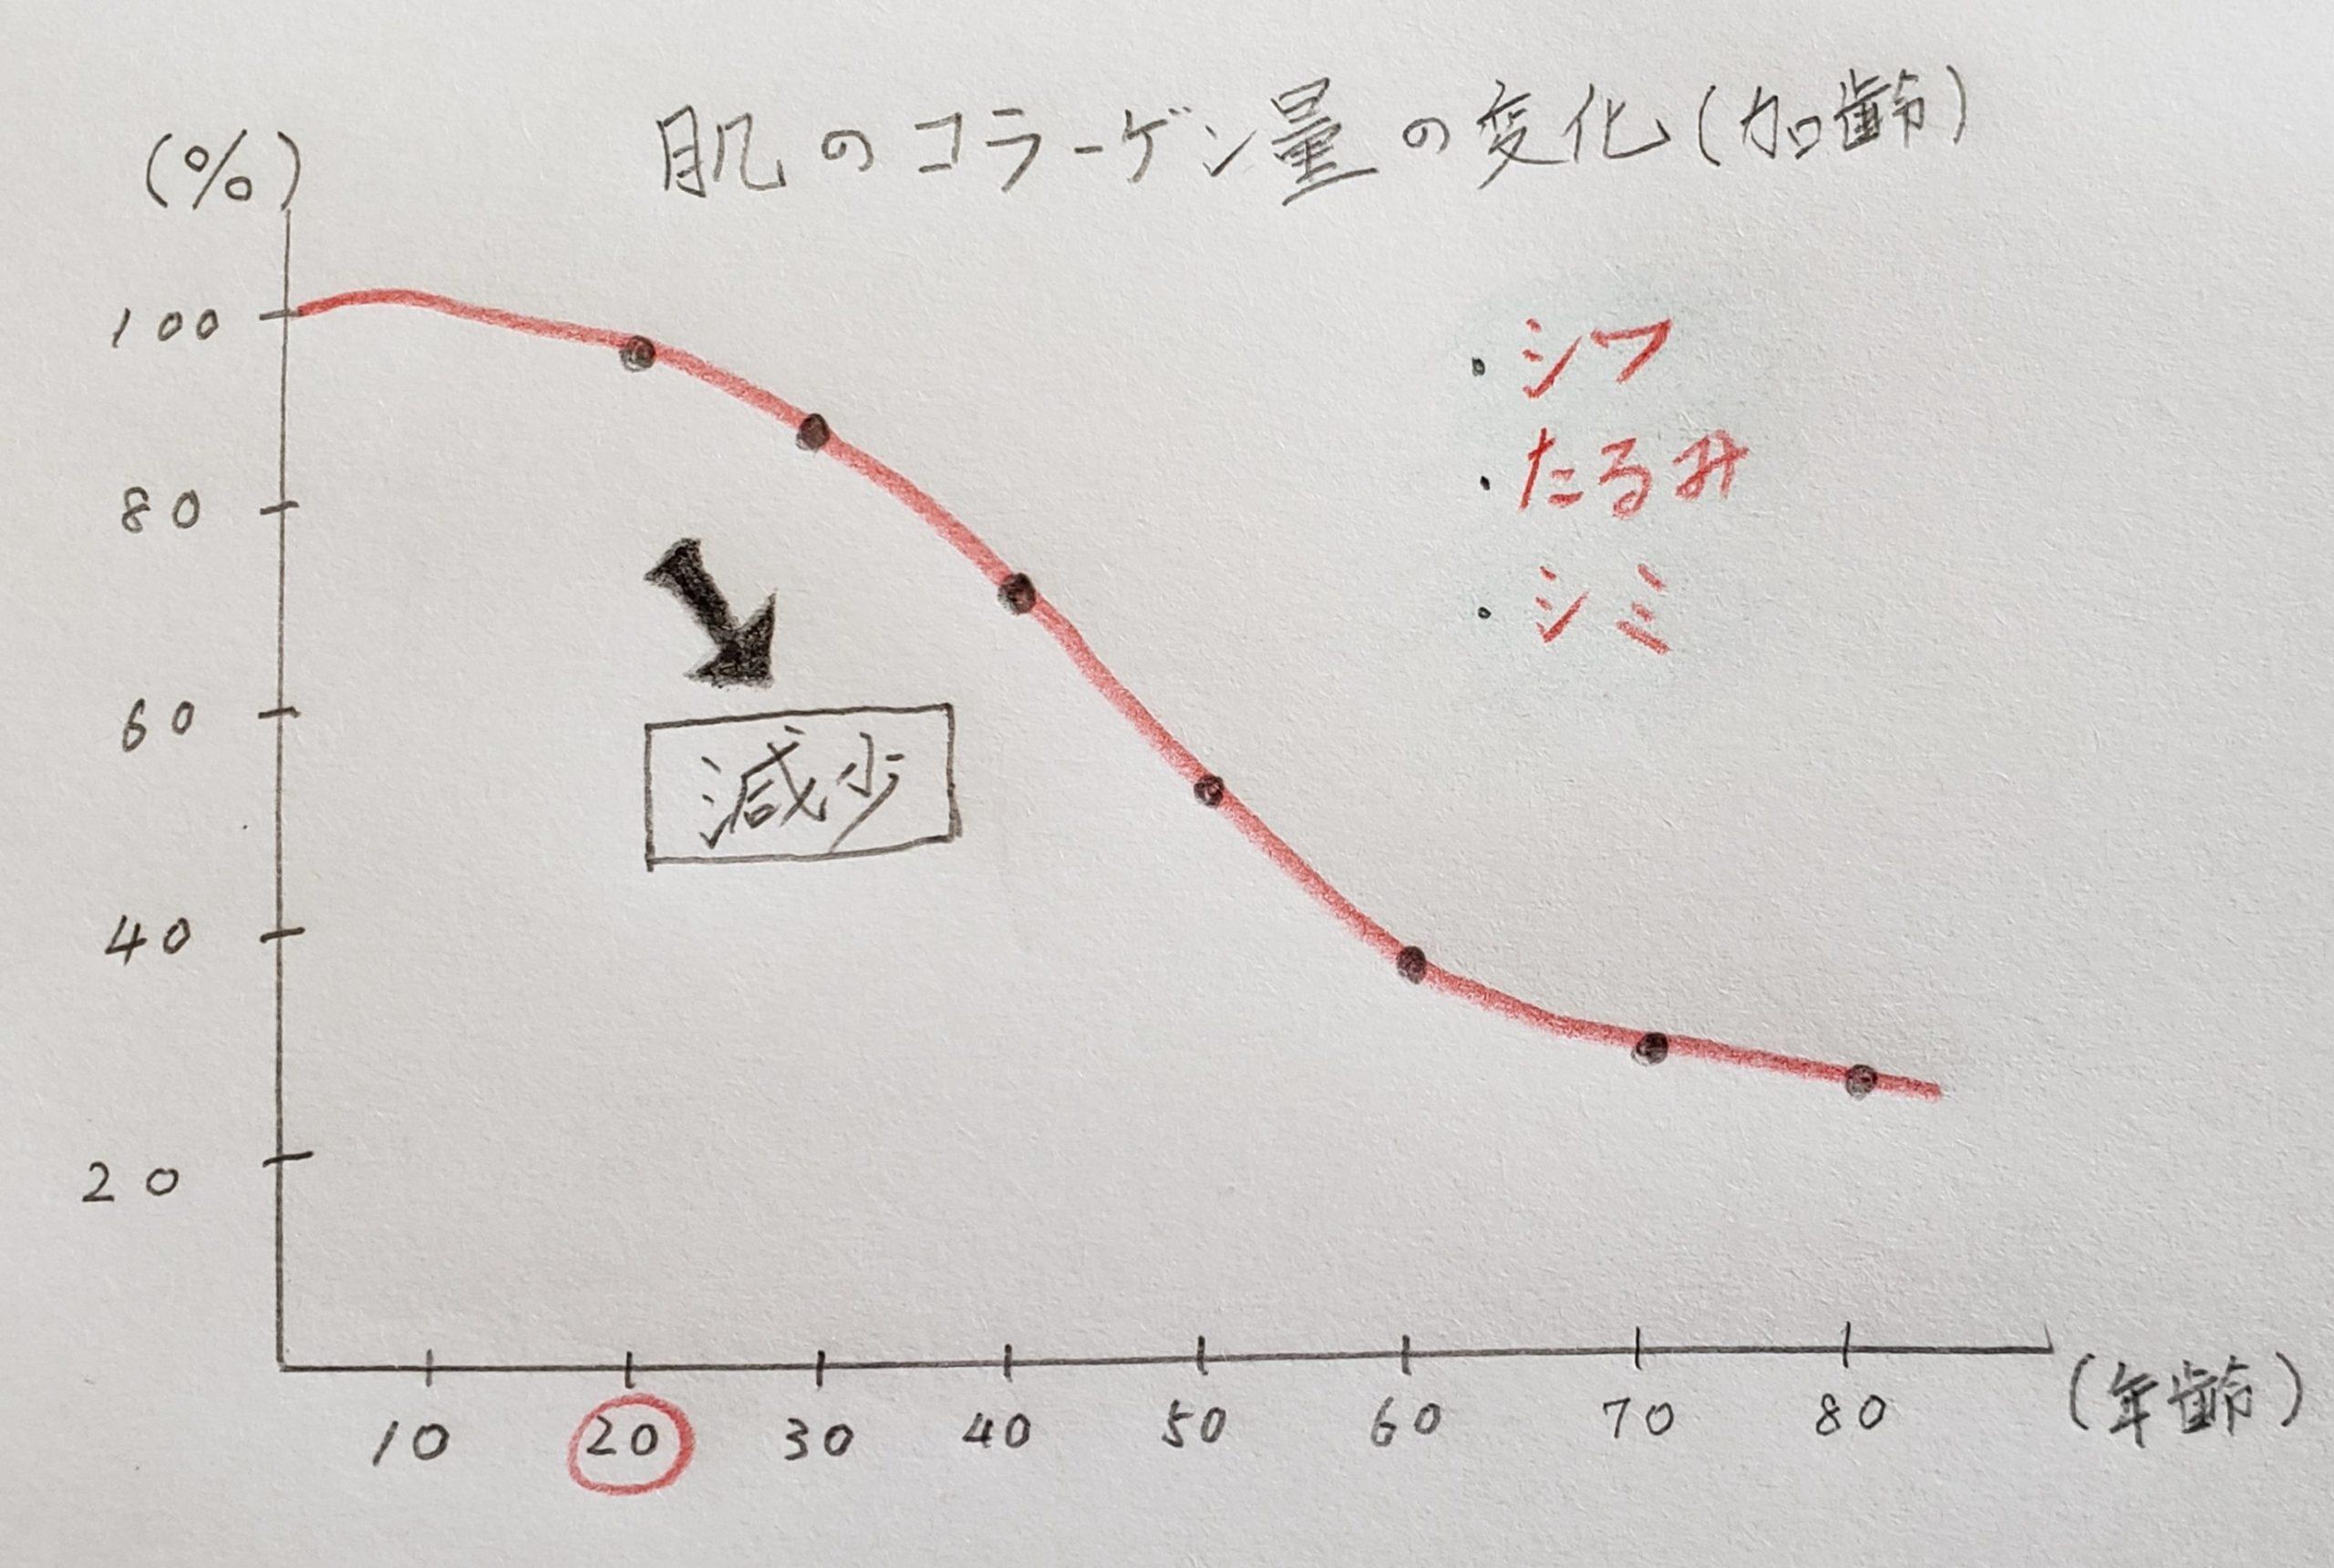 加齢による肌のコラーゲン量の減少をまとめた図